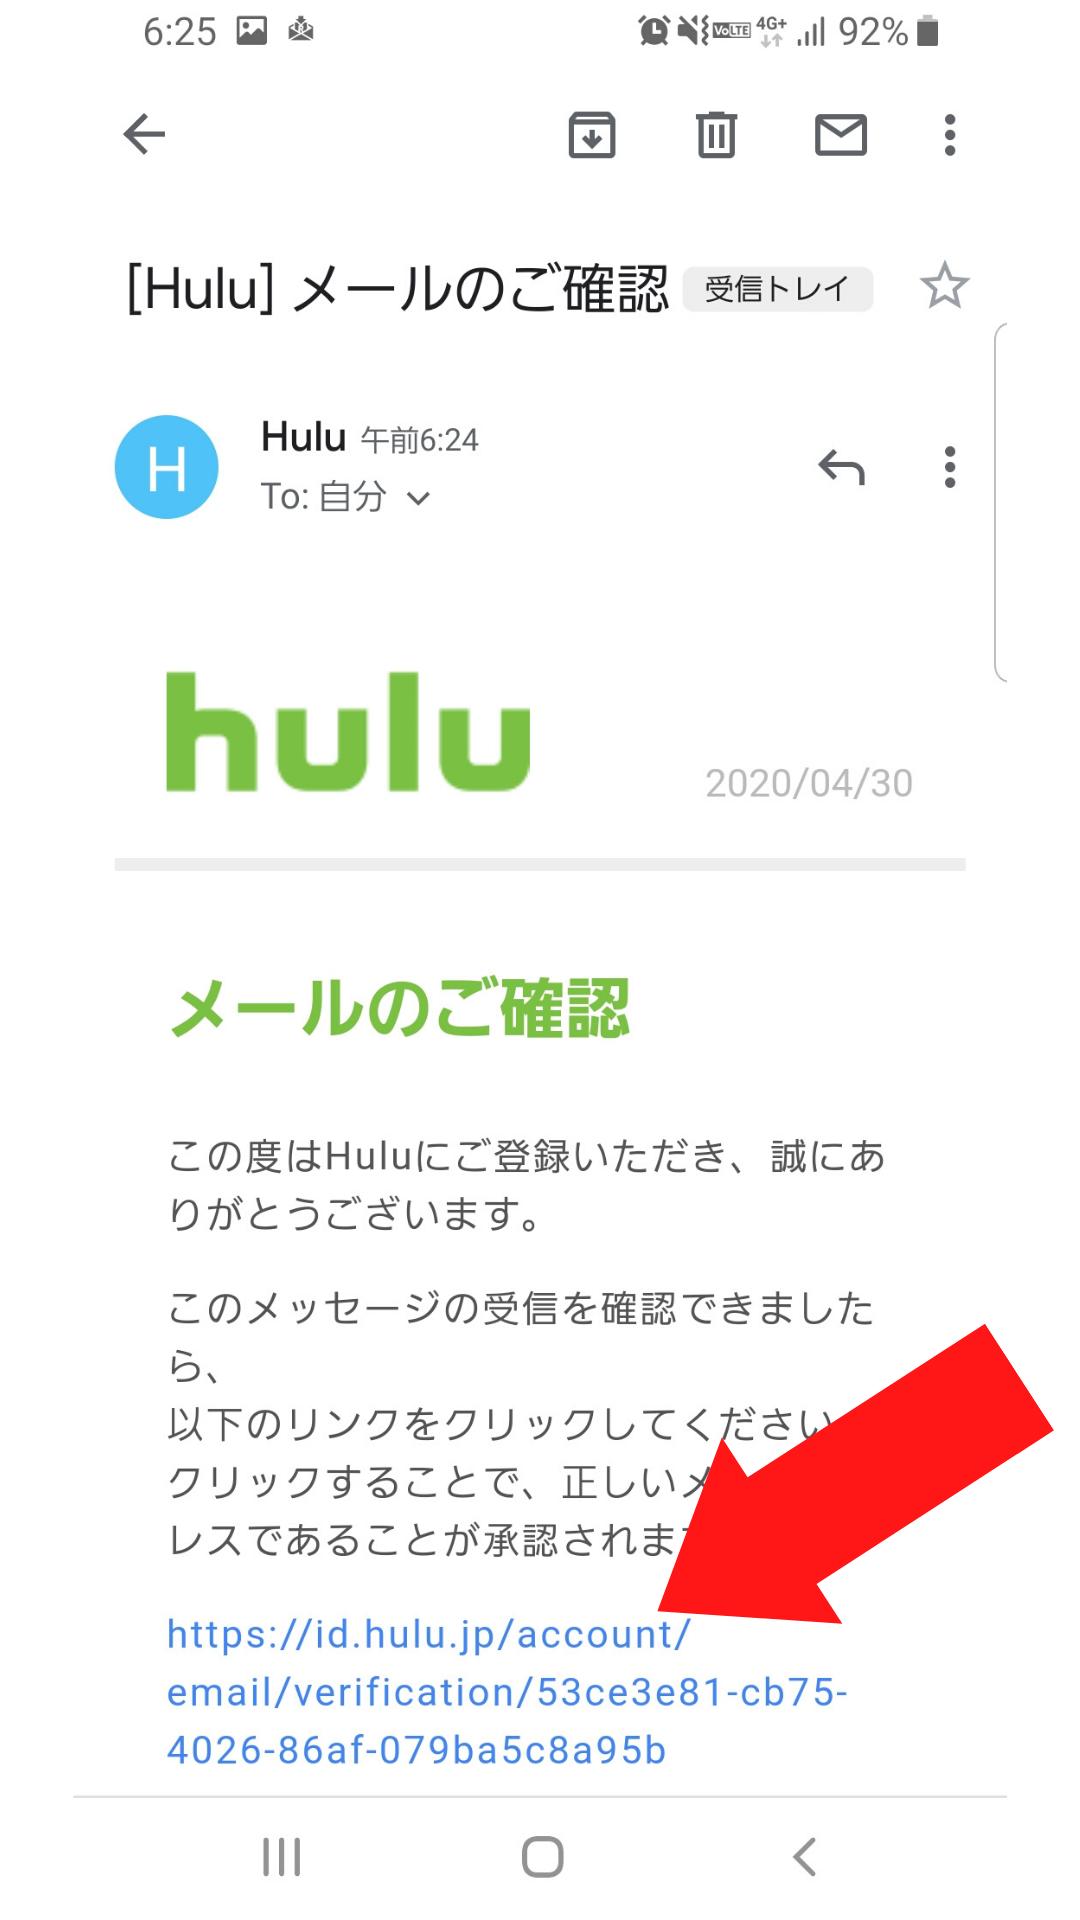 認証メールからURLをクリック